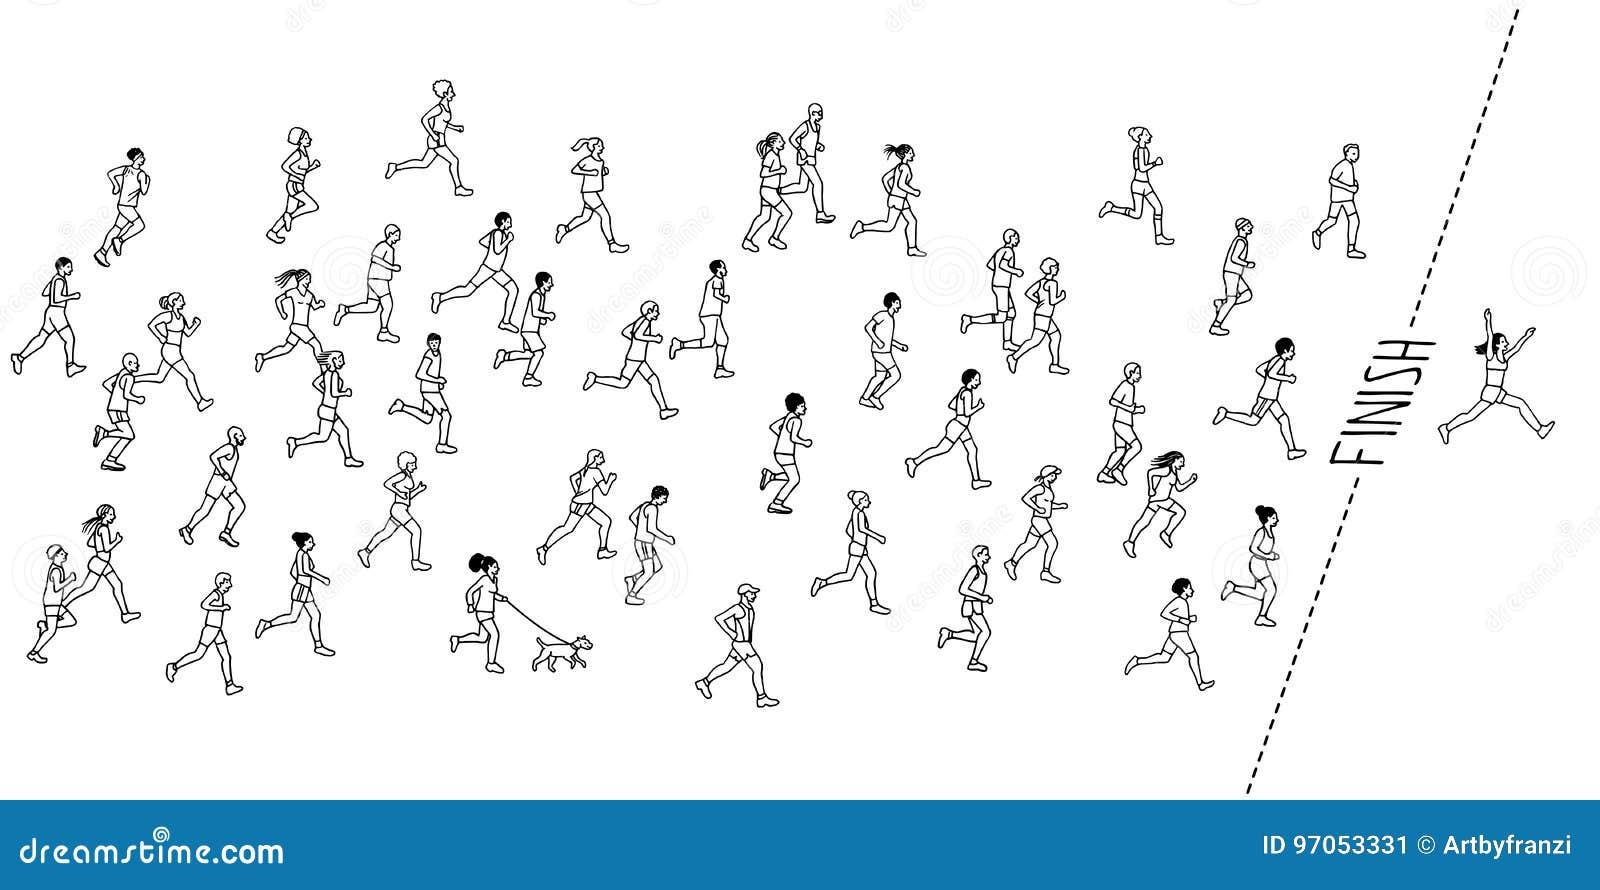 Hand drawn marathon runners